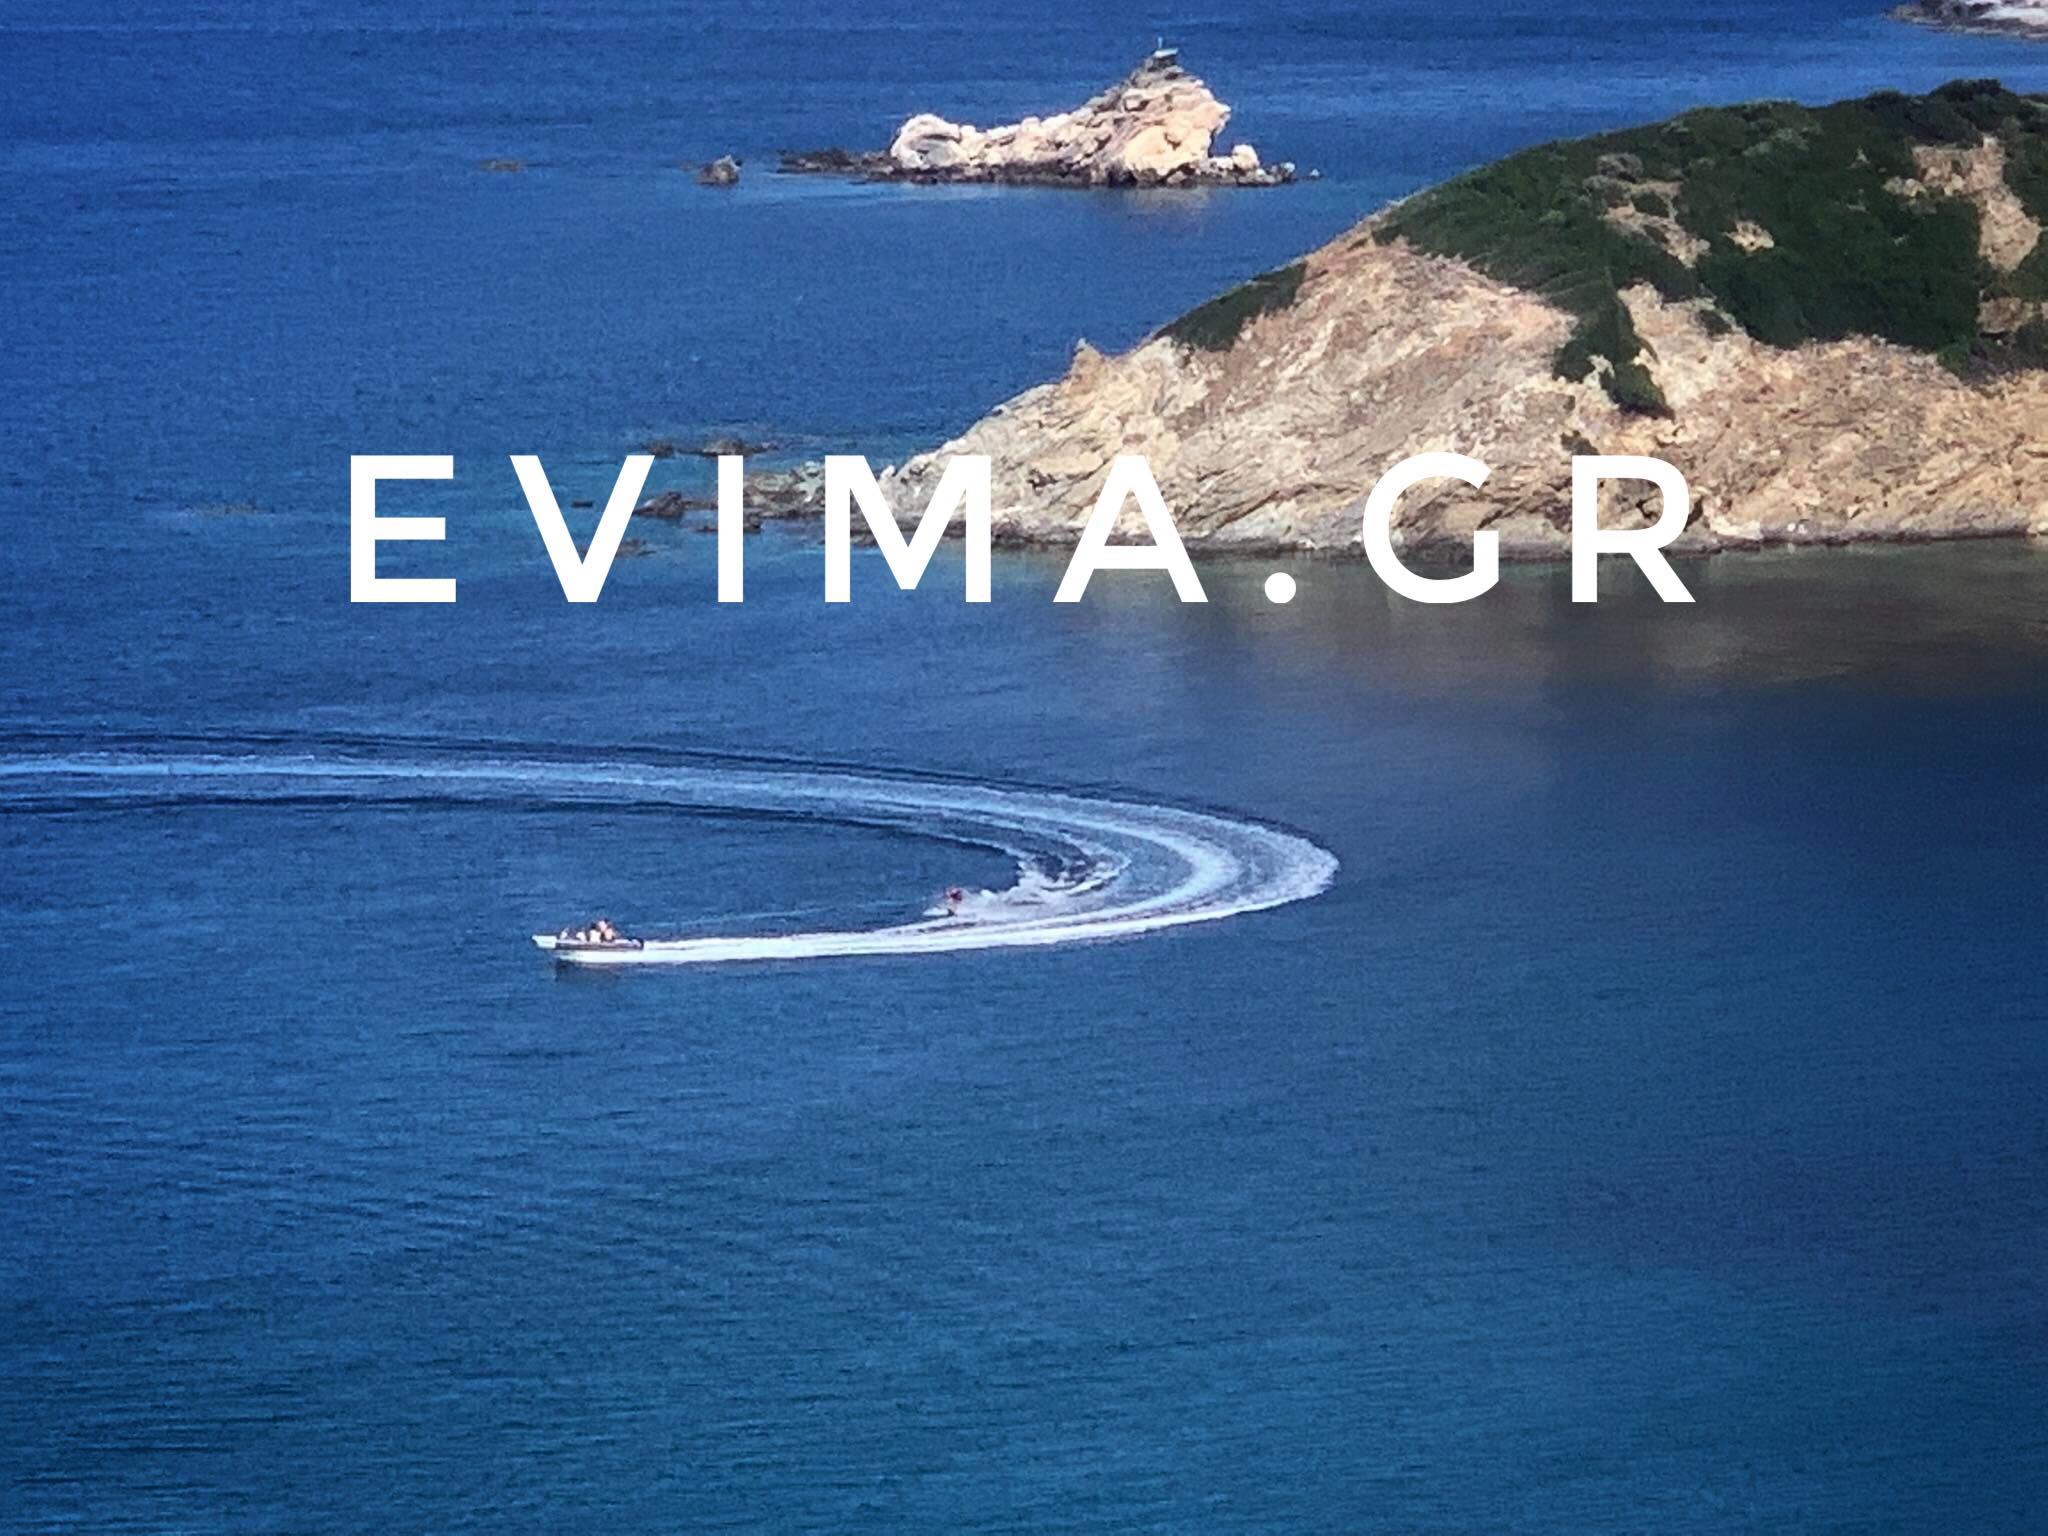 Χερόμυλος Νότια Εύβοια: Τα γαλαζοπράσινα νερά που προσφέρονται ακόμη για βουτιές [βίντεο]